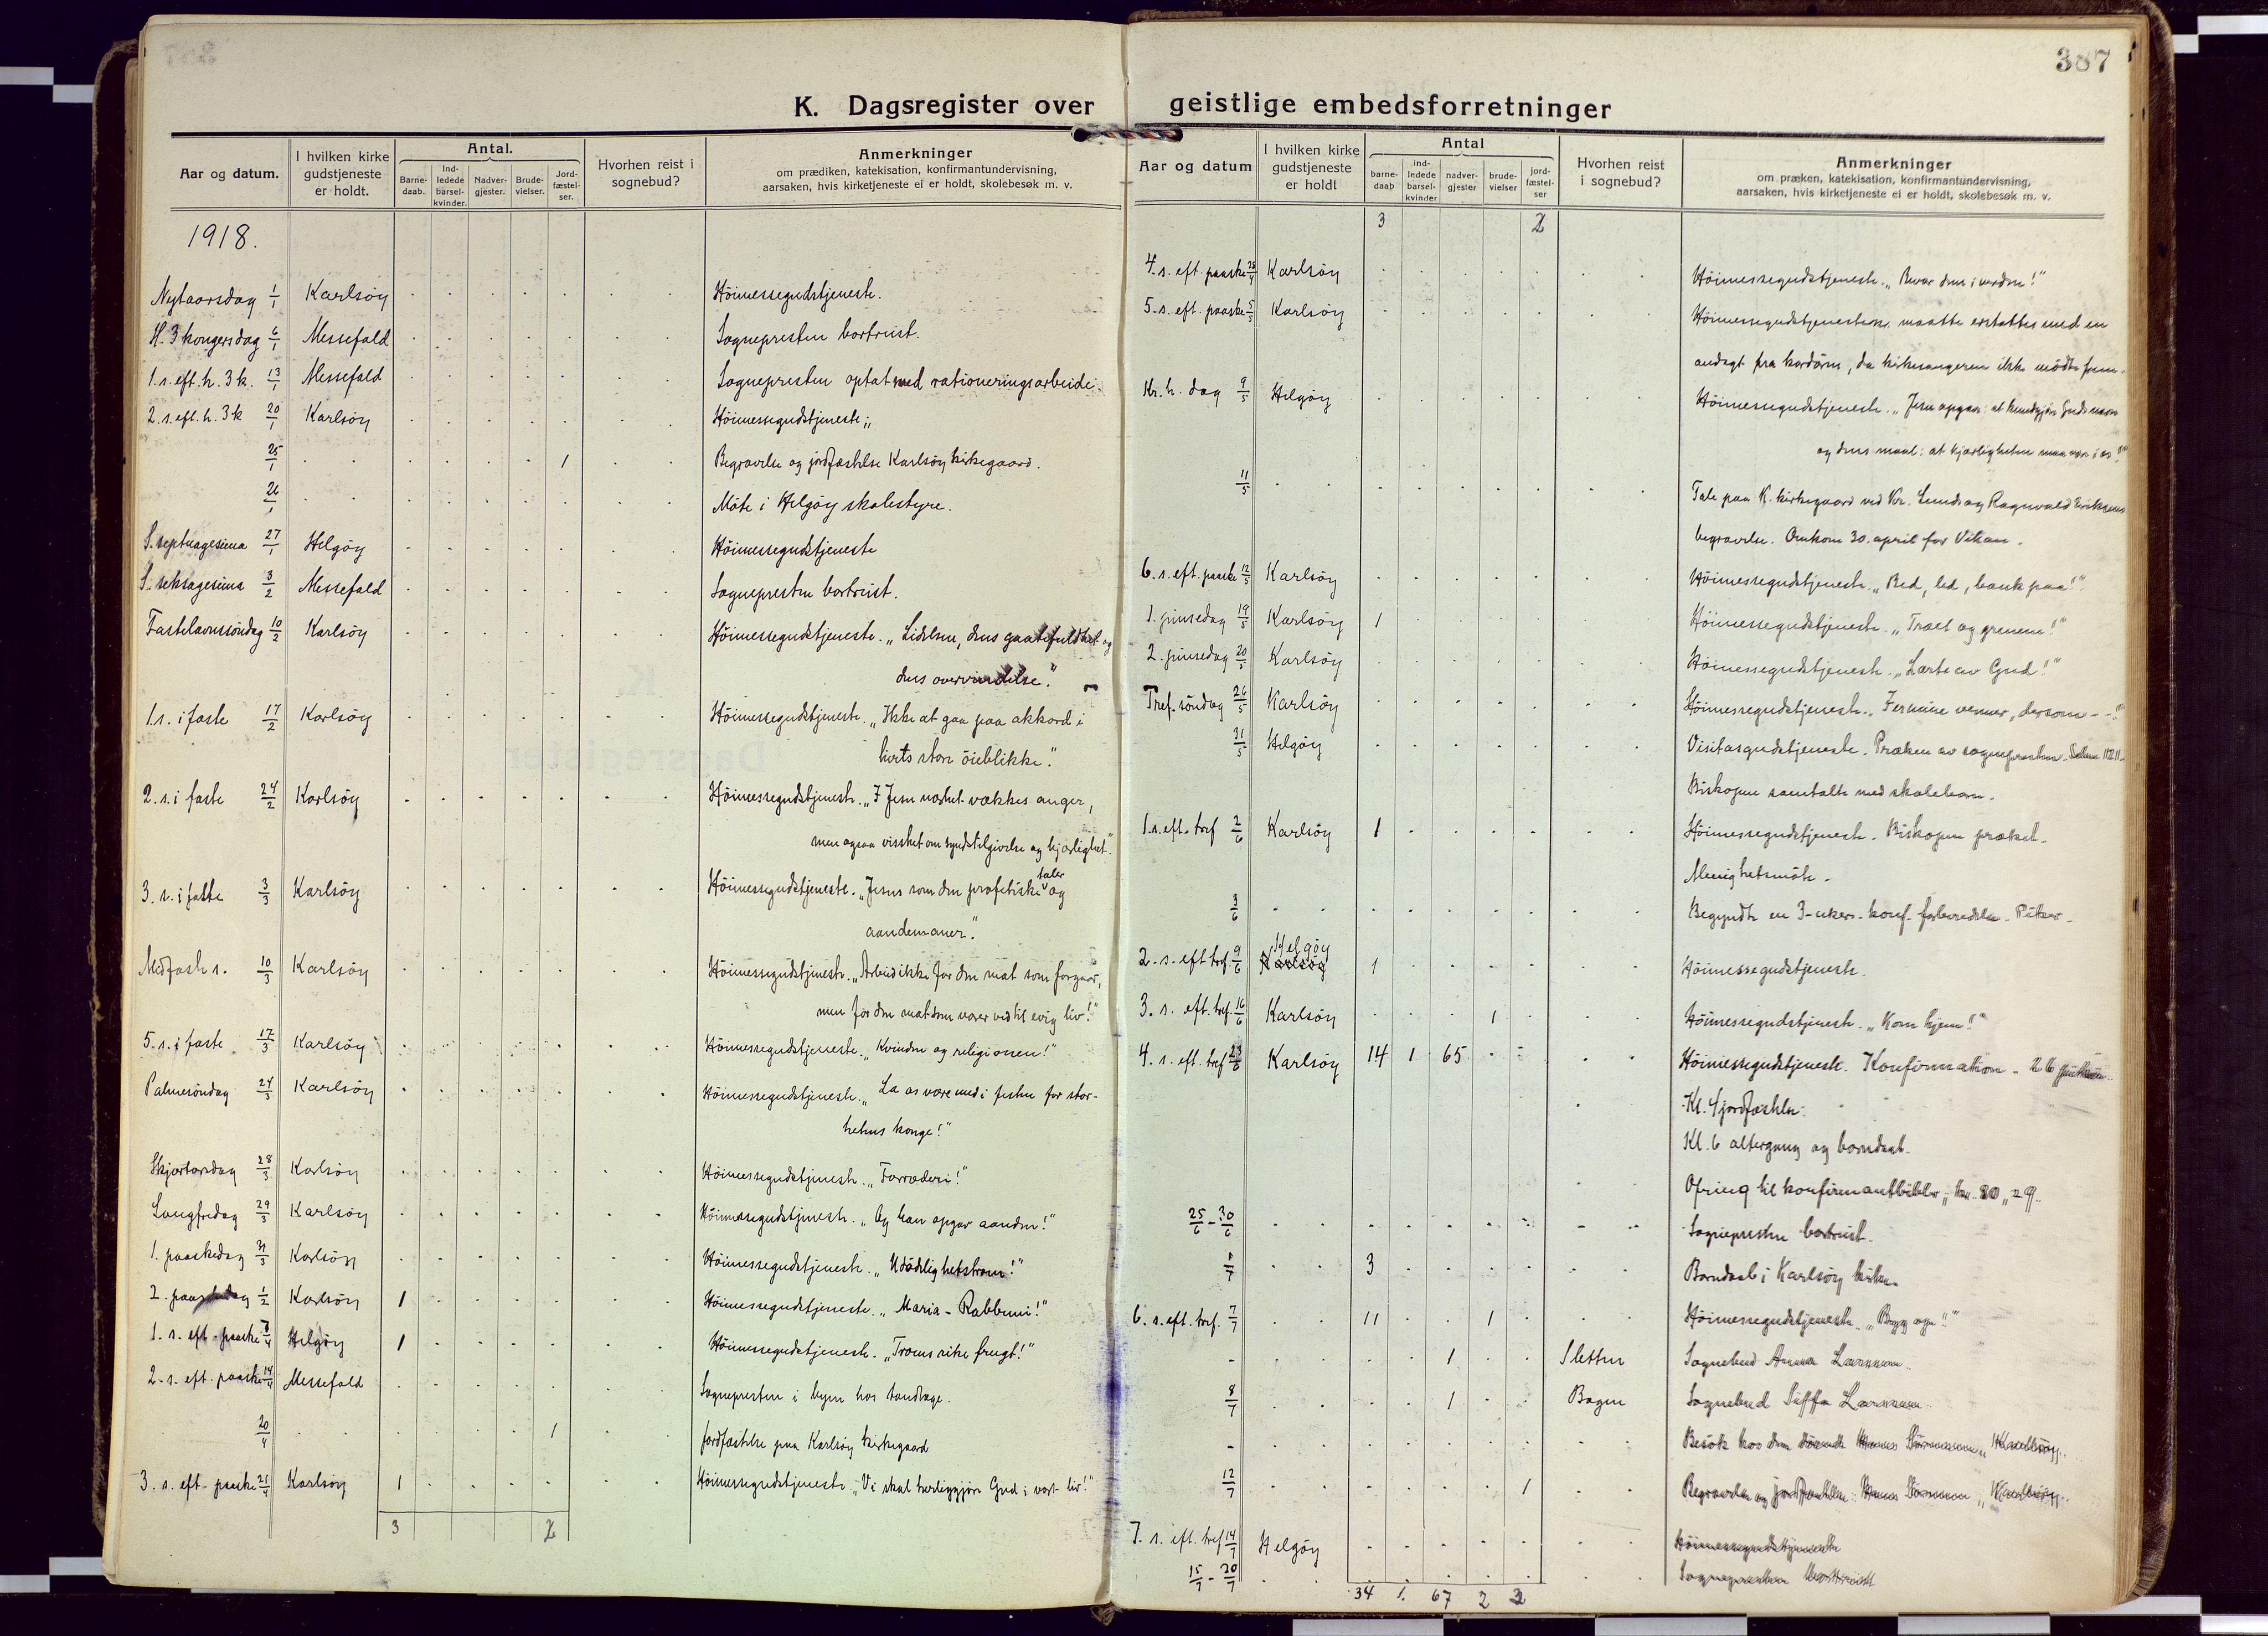 SATØ, Karlsøy sokneprestembete, Ministerialbok nr. 15, 1918-1929, s. 387